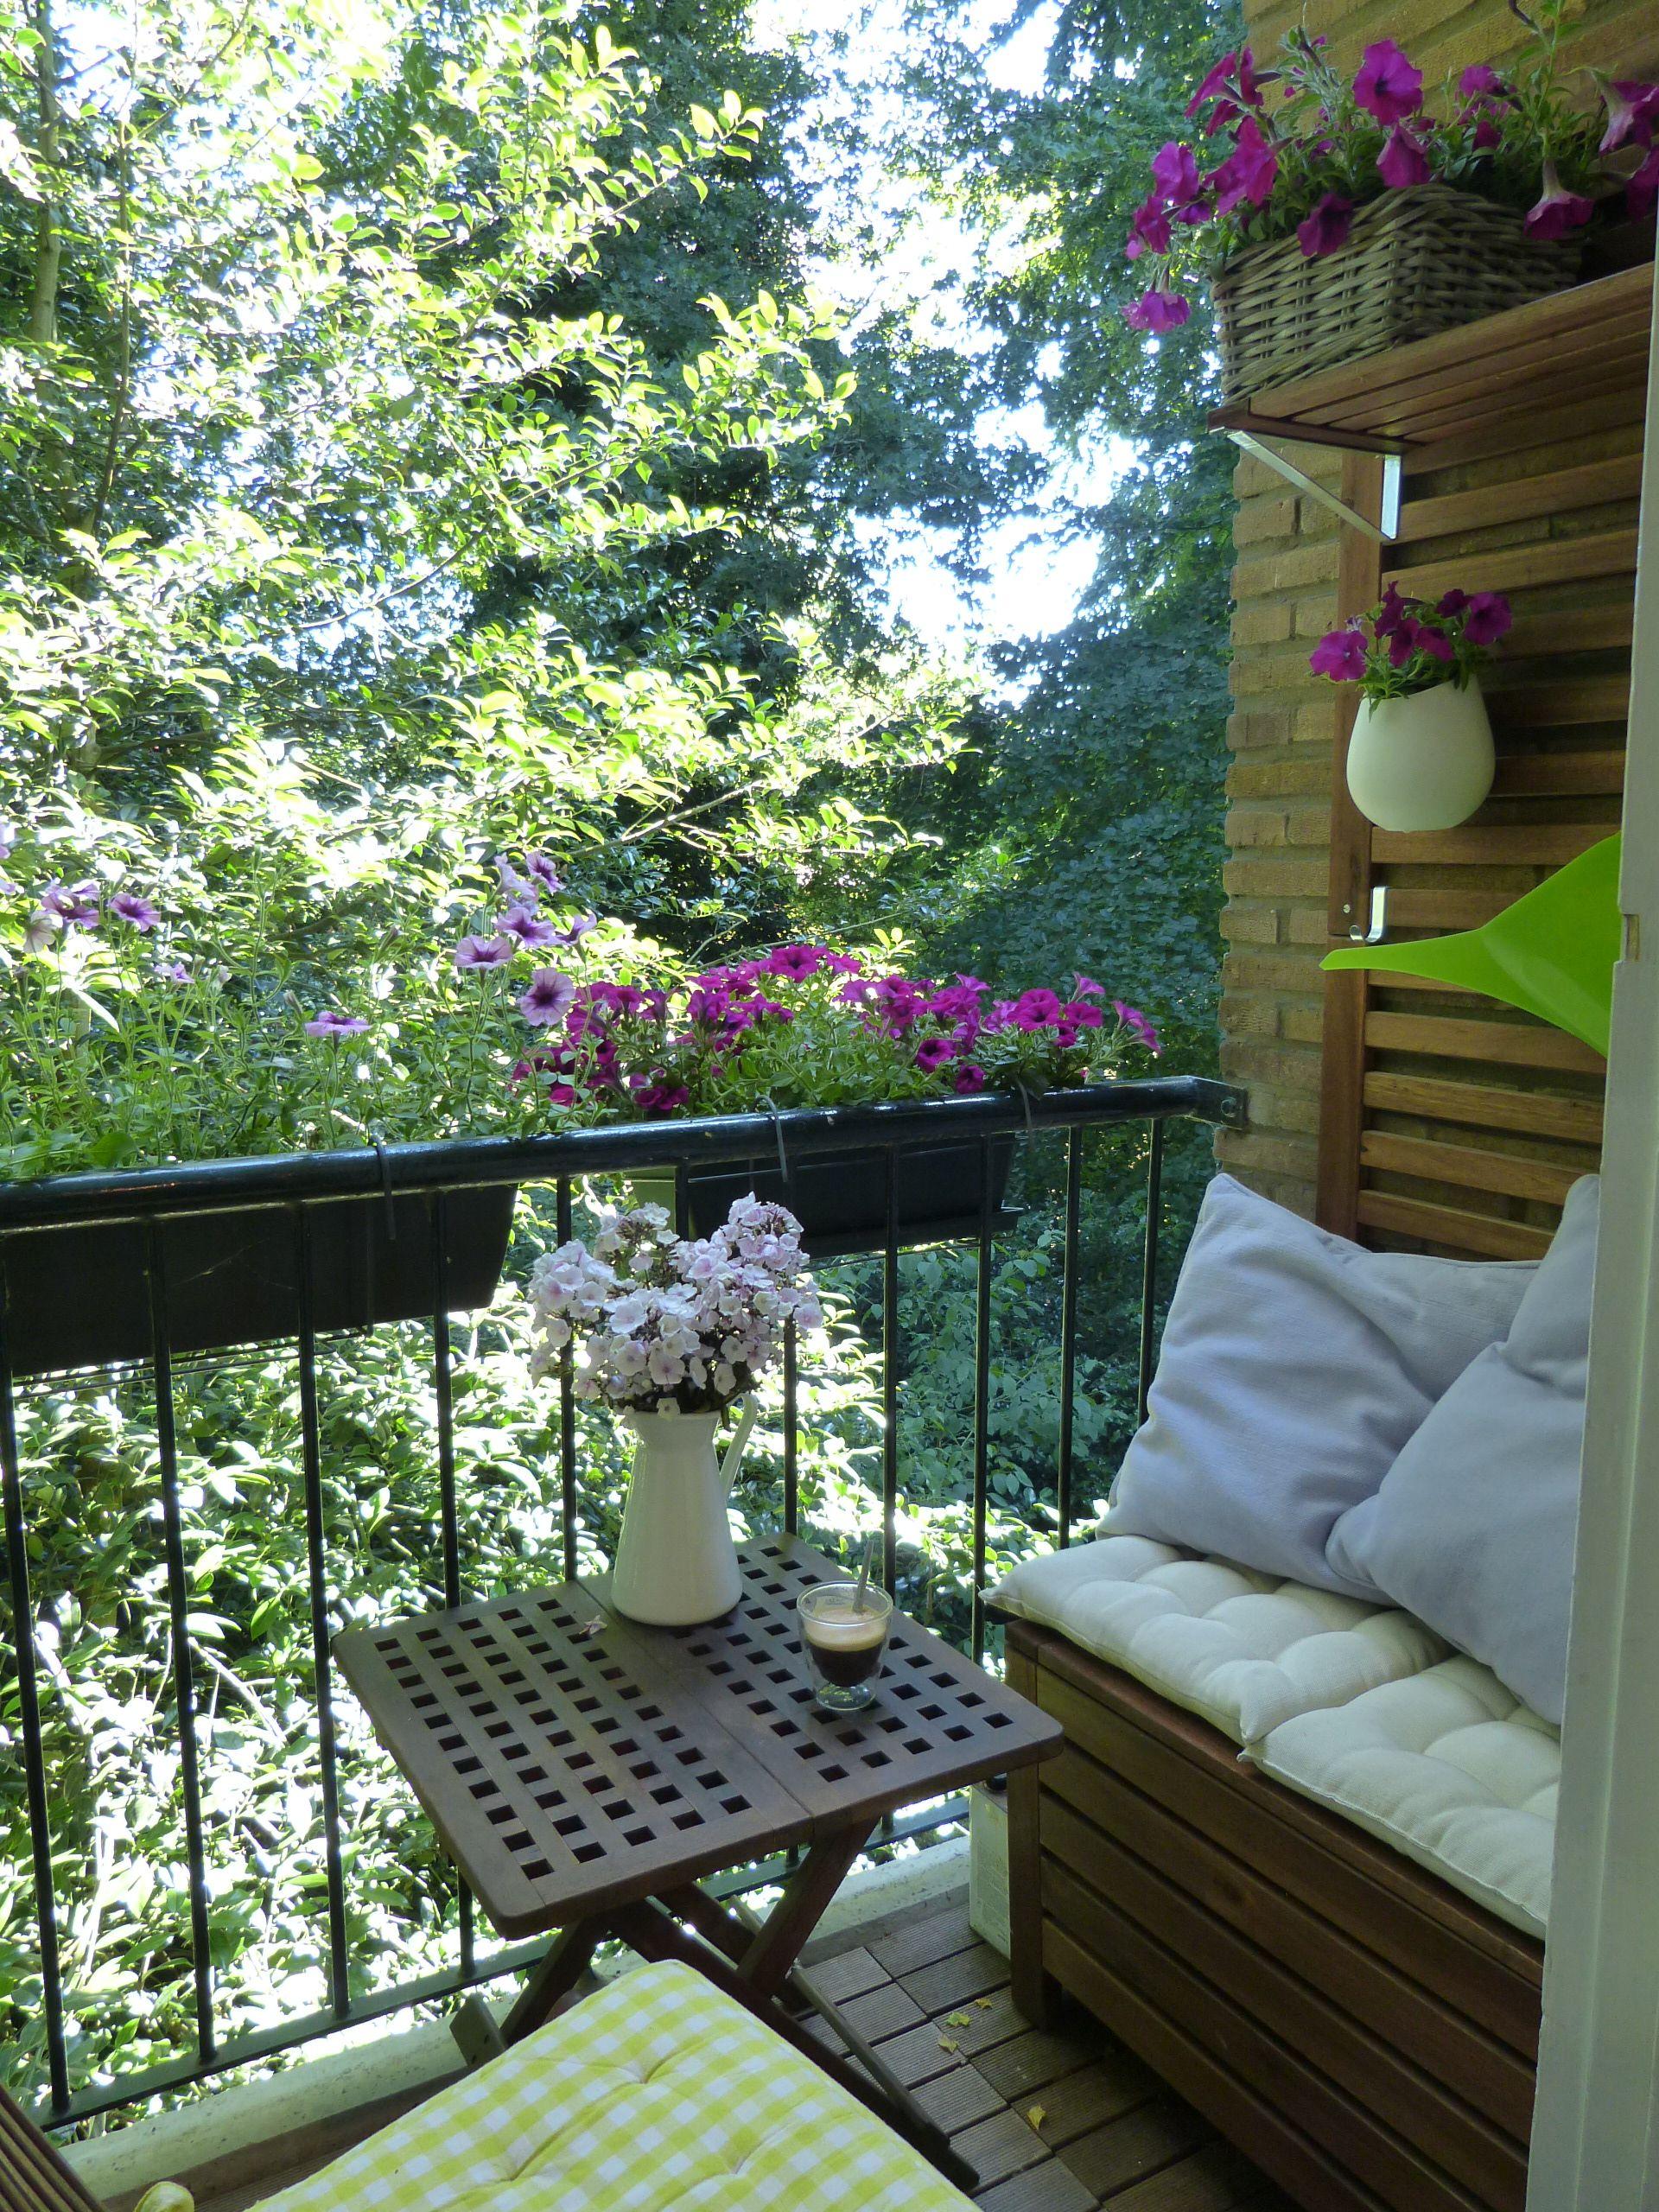 Risultati Immagini Per Ikea Mini Balcony Decoration Pinterest